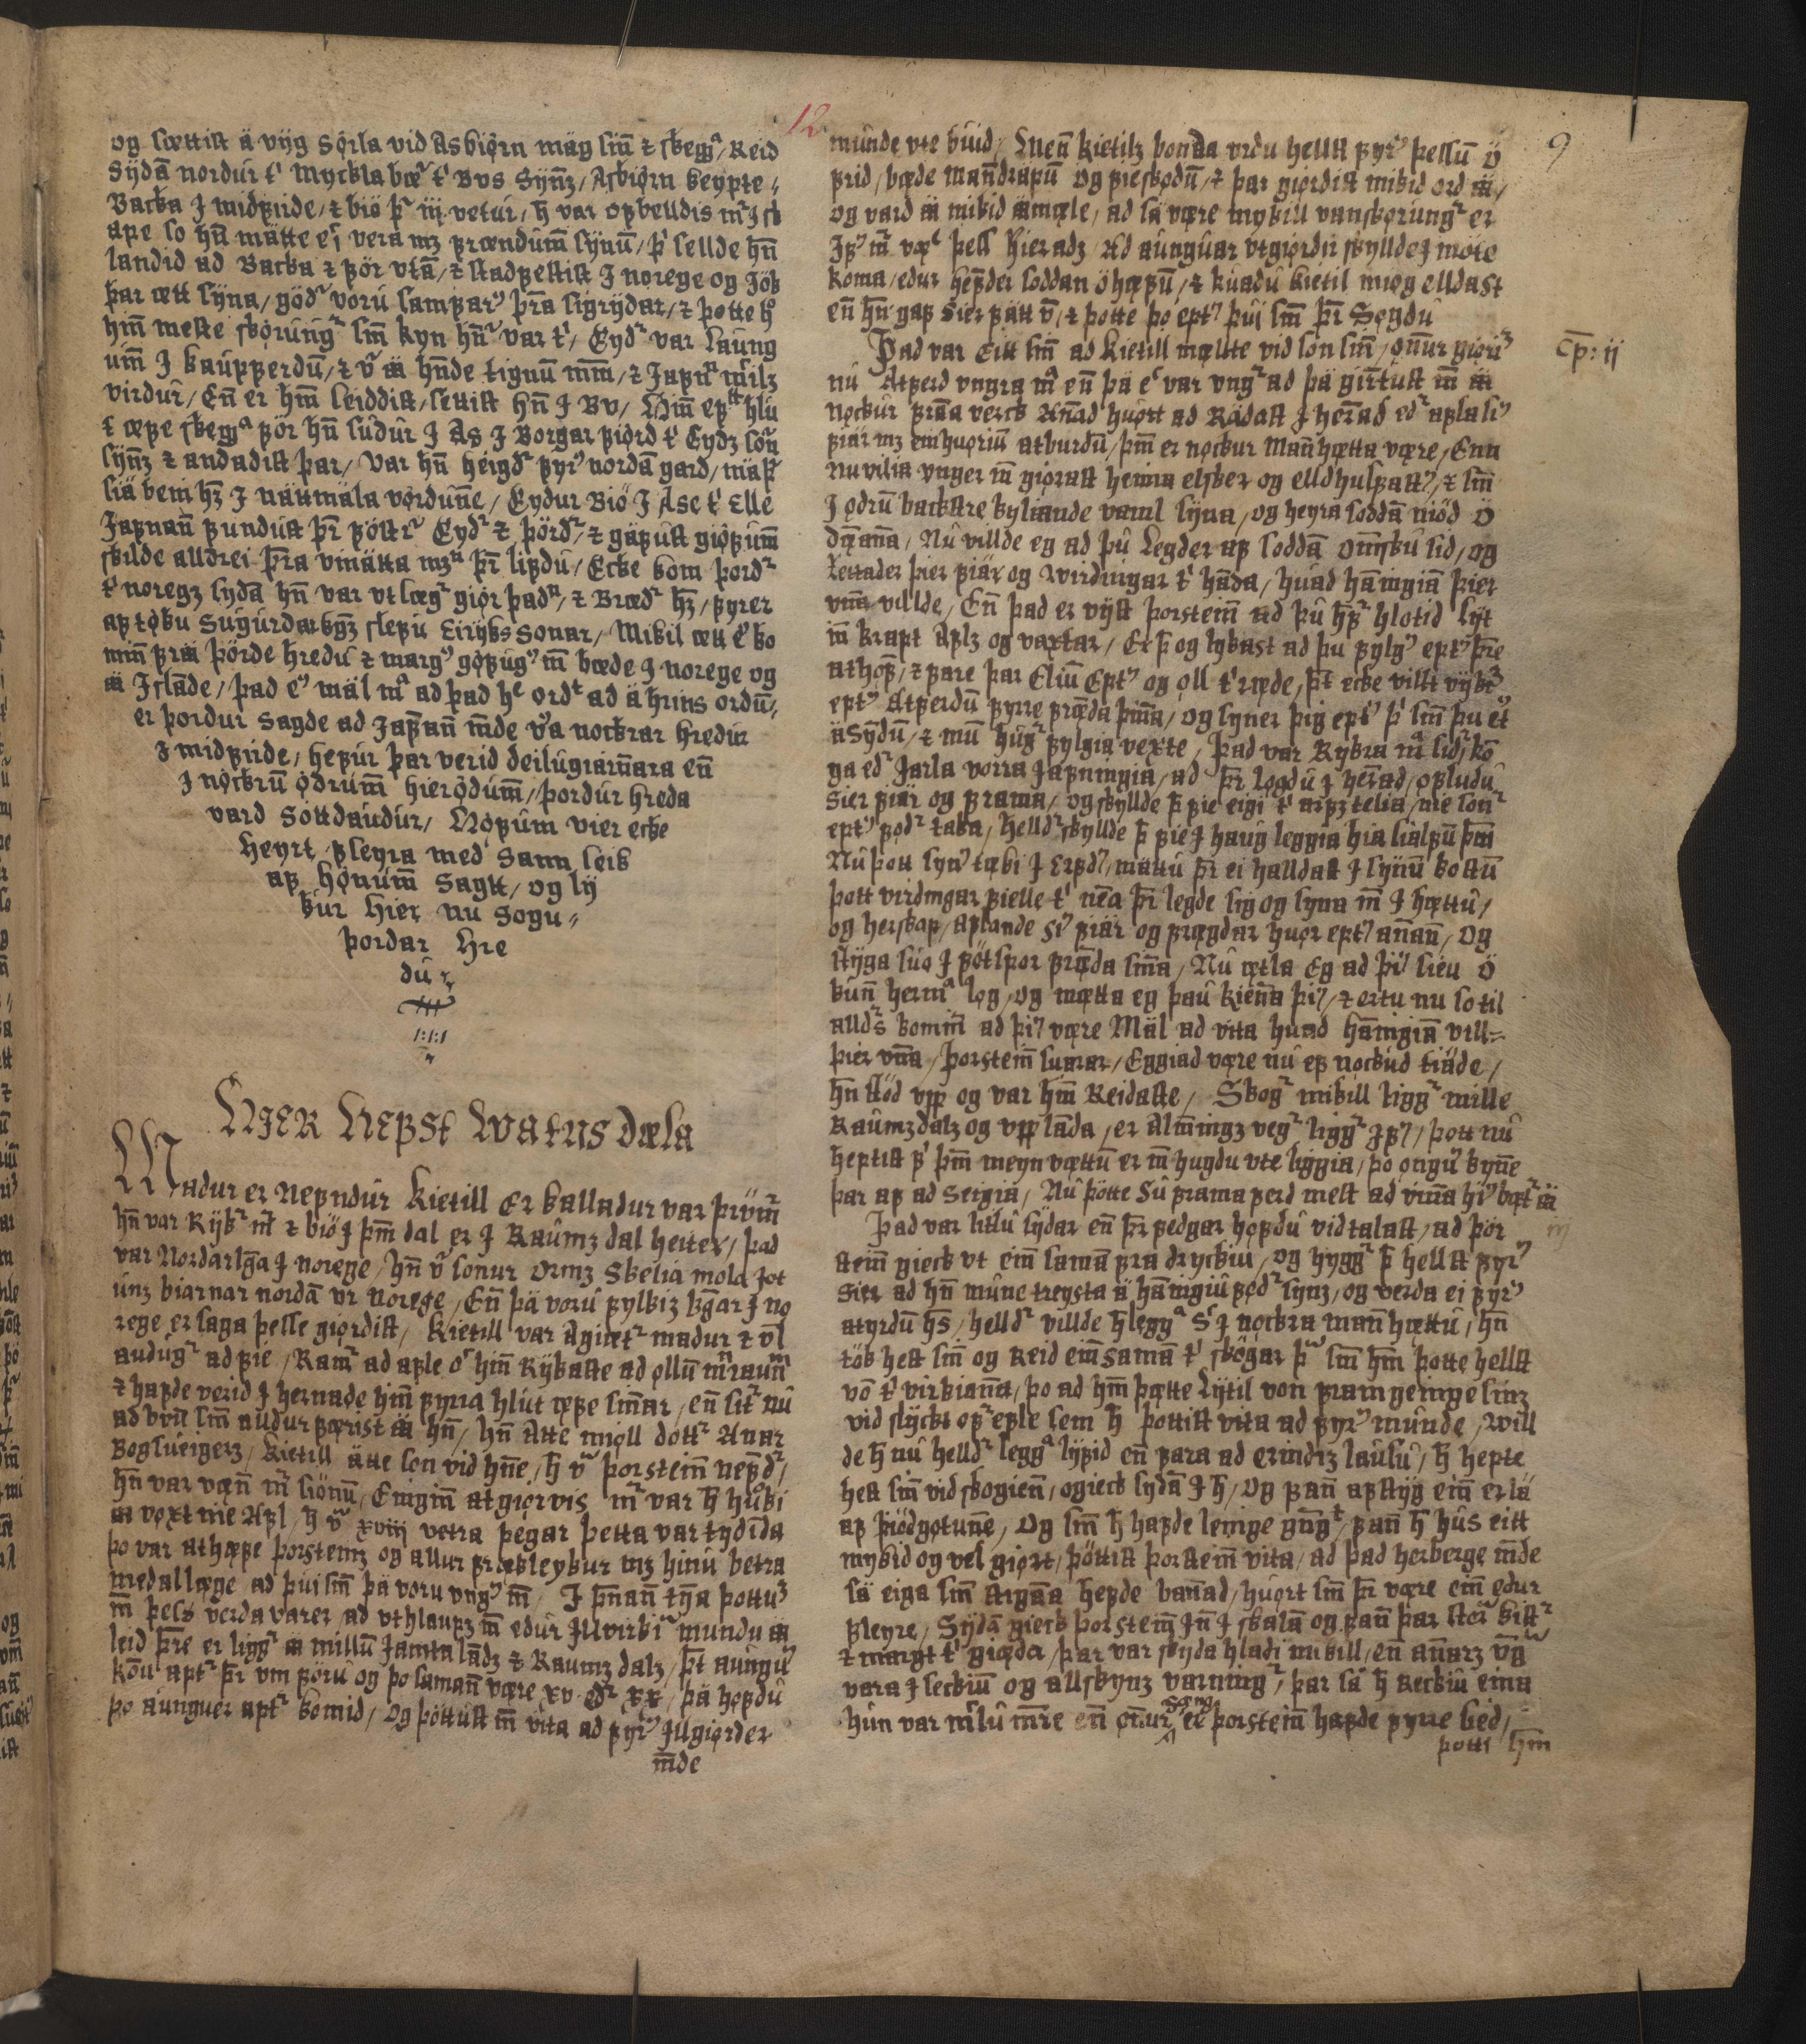 AM 128 fol - 12r